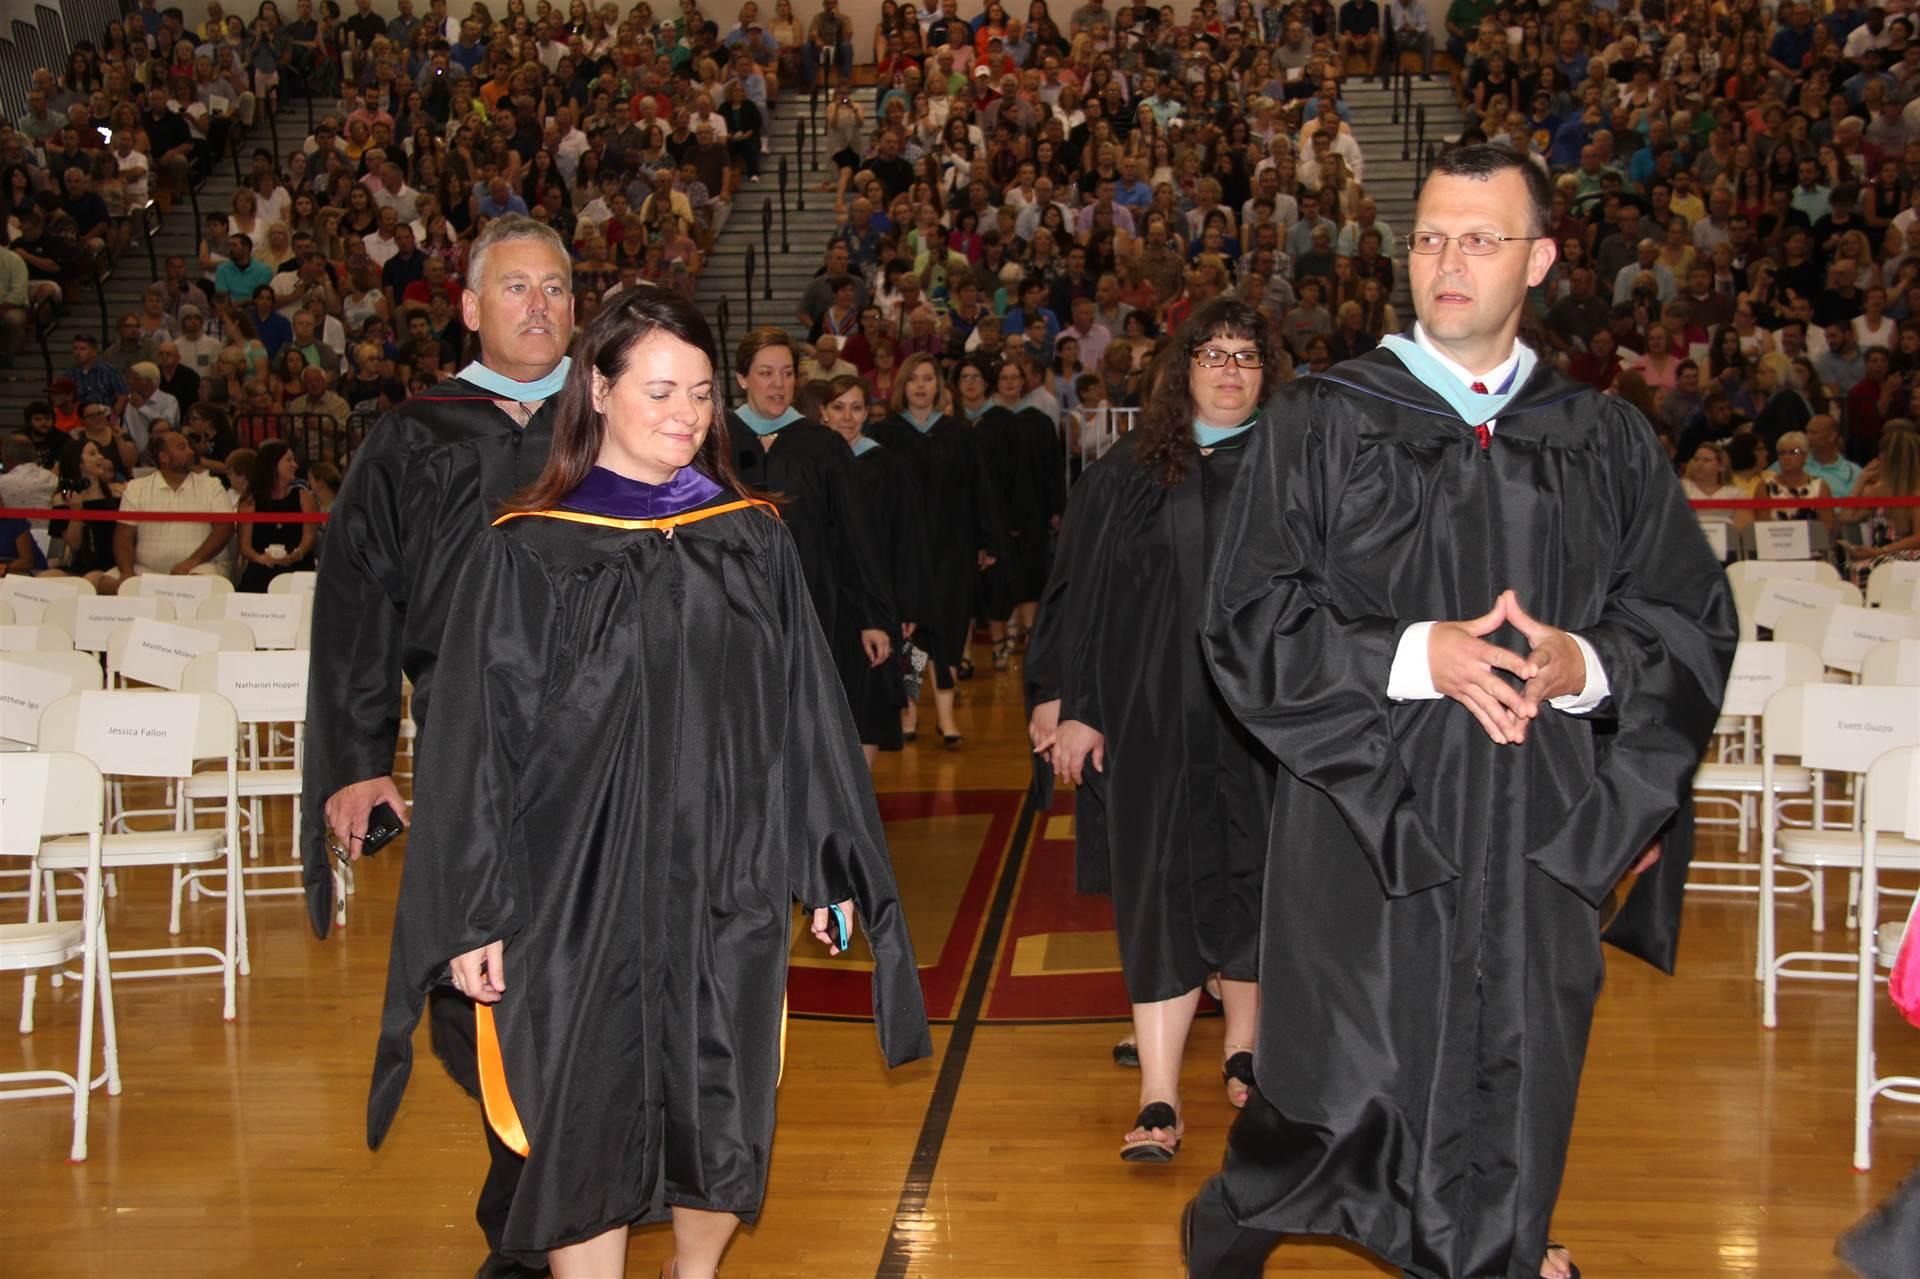 photo 24 from 2017 C V Graduation